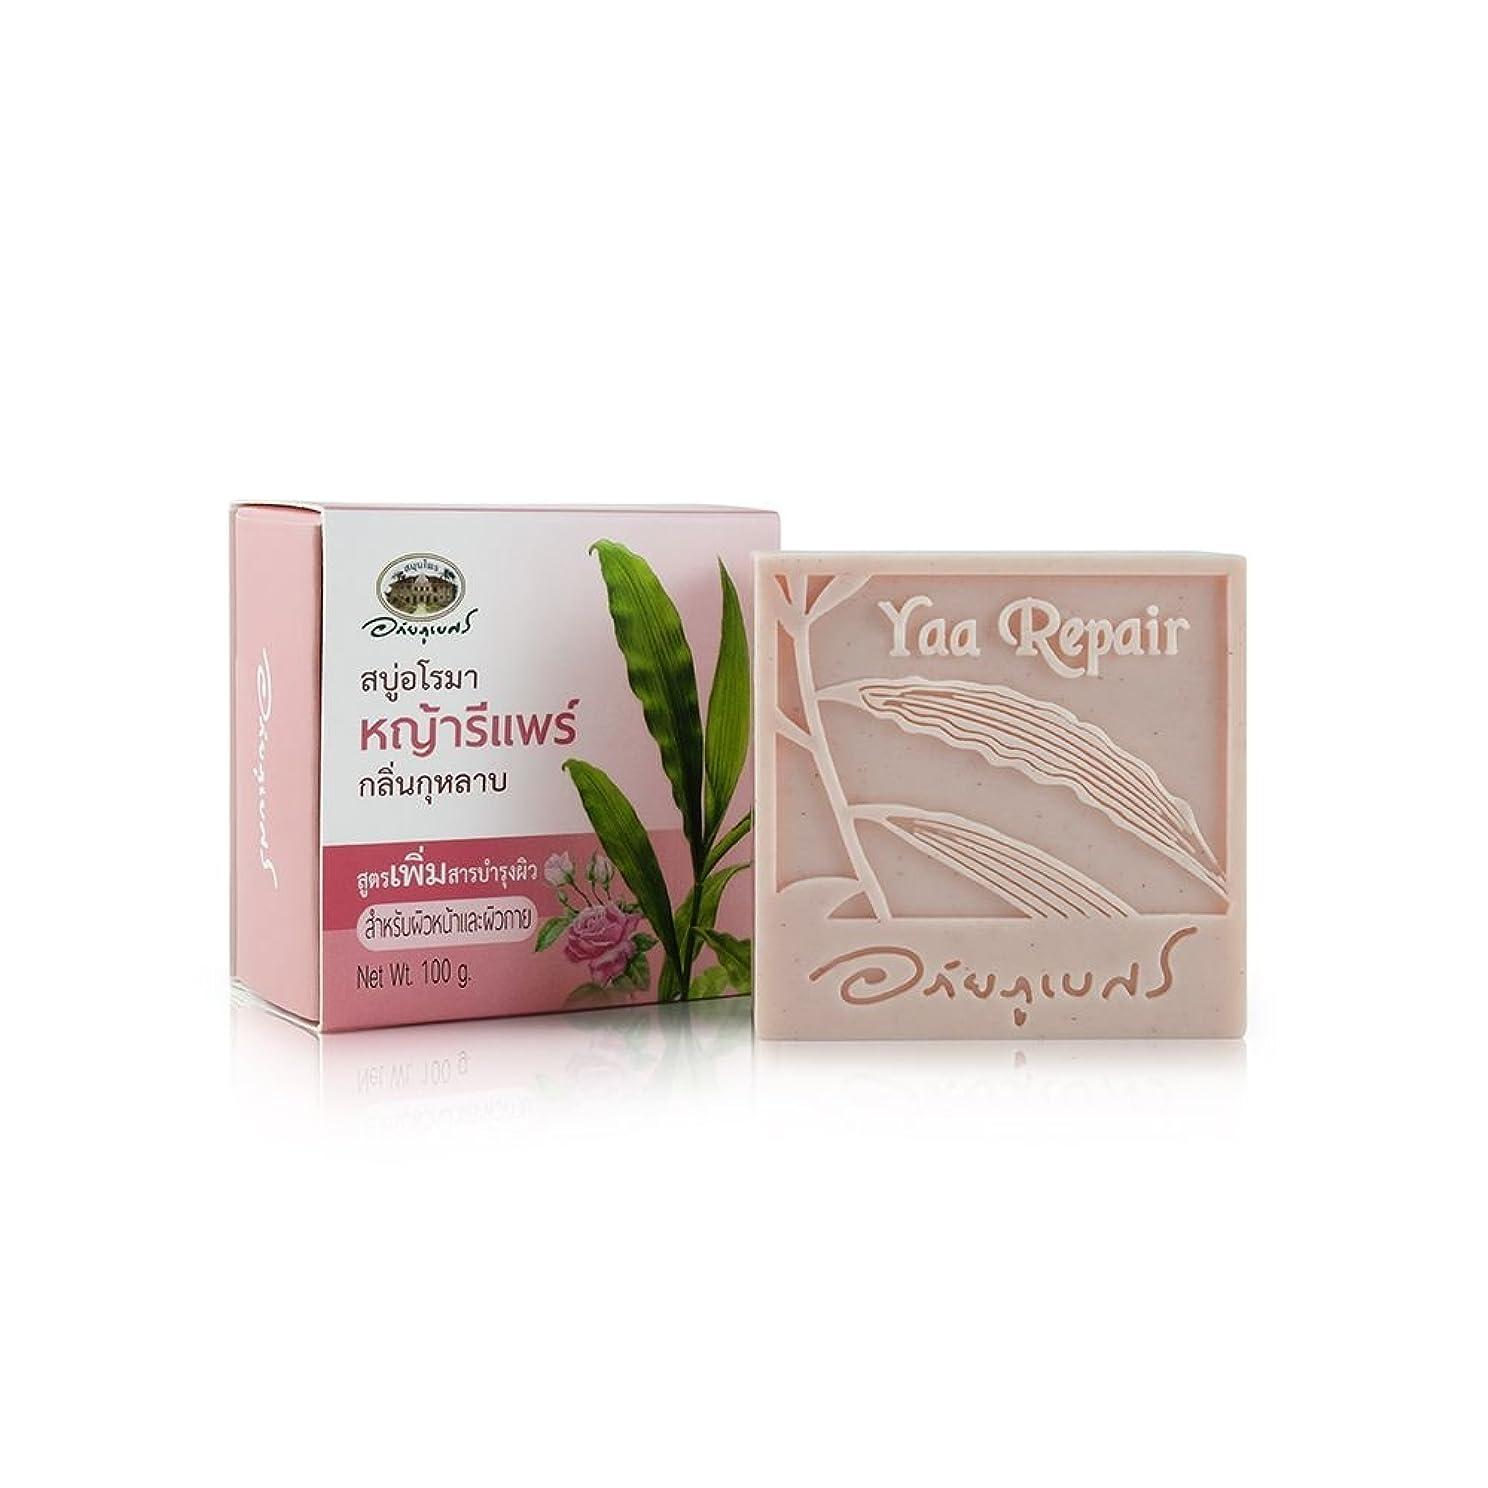 トロピカルマットレスゾーンAbhaibhubejhr Thai Aromatherapy With Rose Skin Care Formula Herbal Body Face Cleaning Soap 100g. Abhaibhubejhrタイのアロマテラピーとローズスキンケアフォーミュラハーブボディフェイス100g。